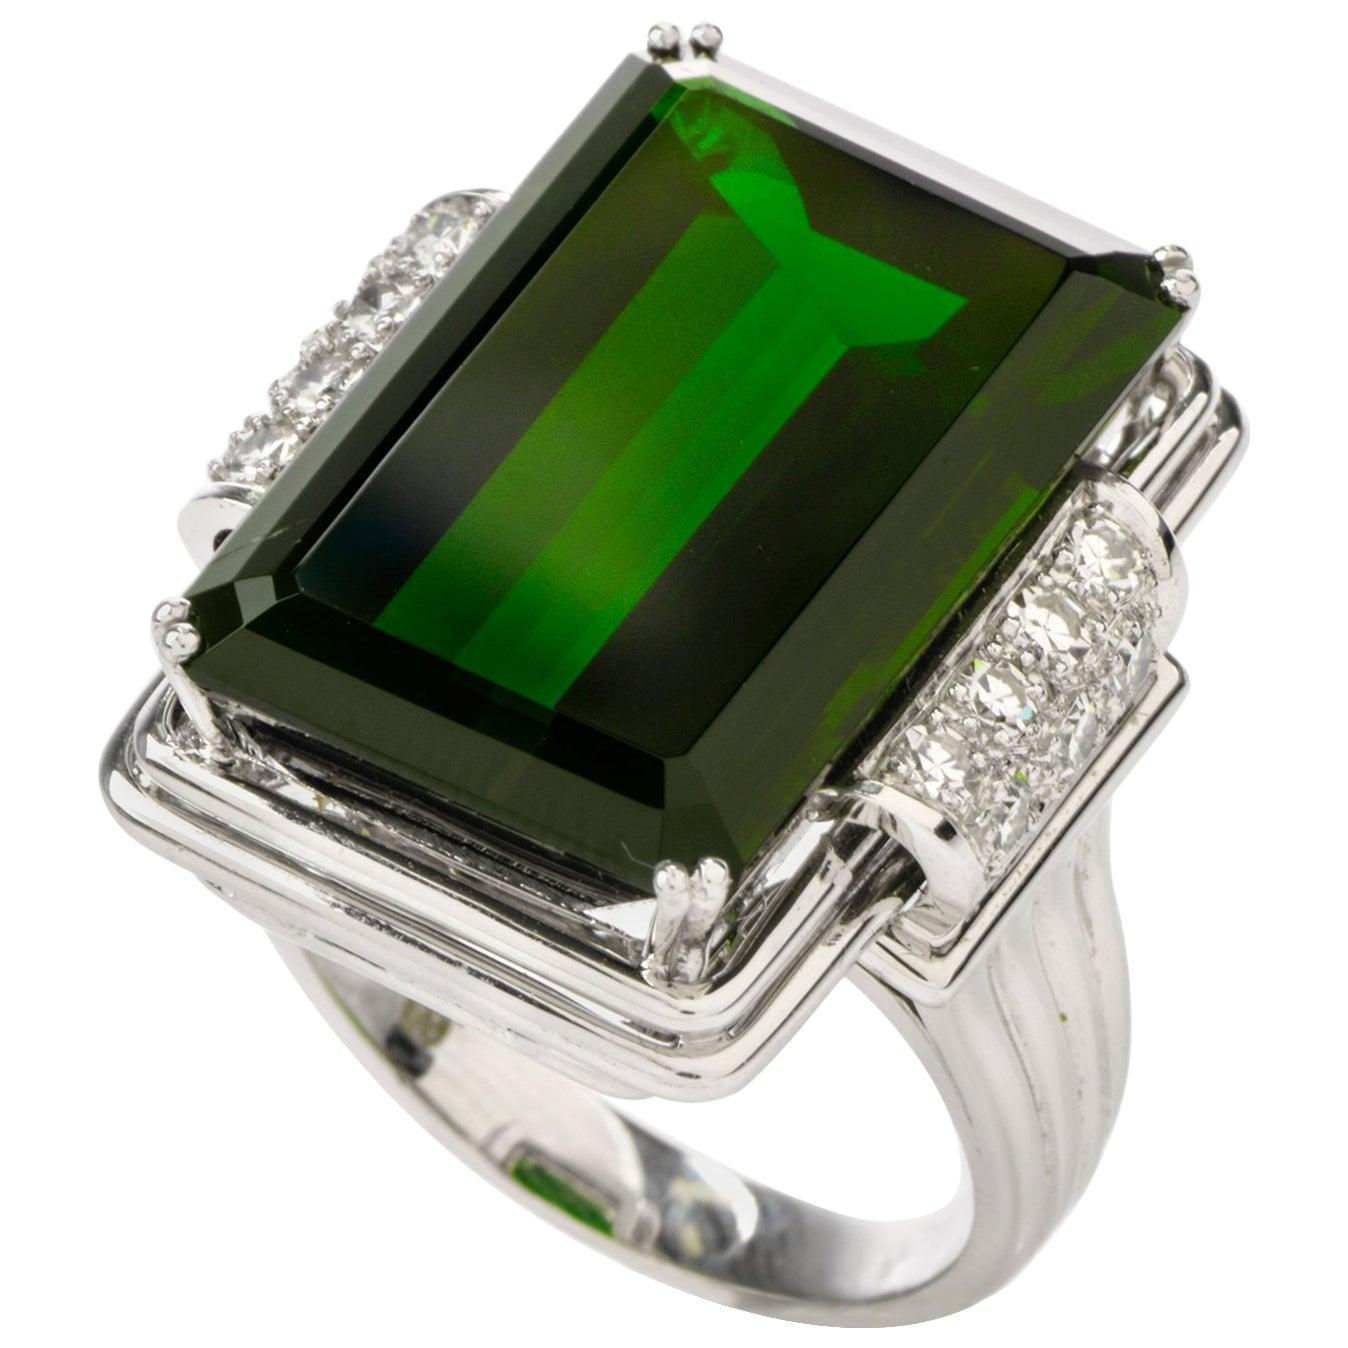 Green Tourmaline Diamond 18 Karat White Gold Cocktail Ring